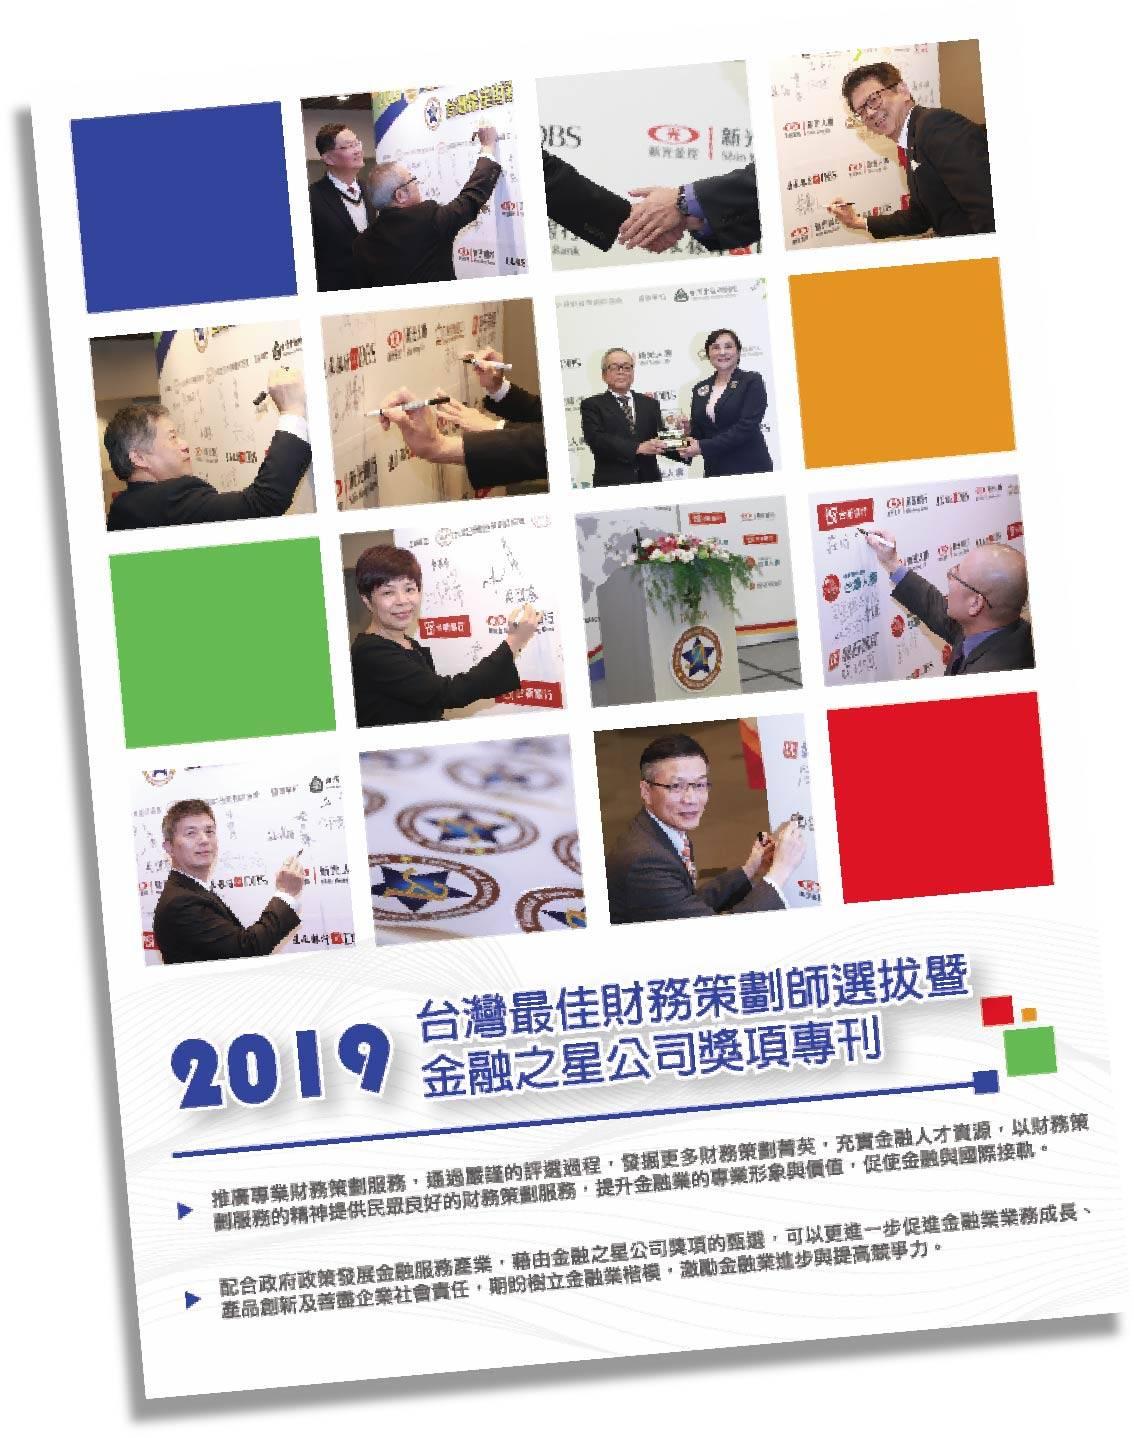 2019年台灣最佳財務策劃師選拔專刊